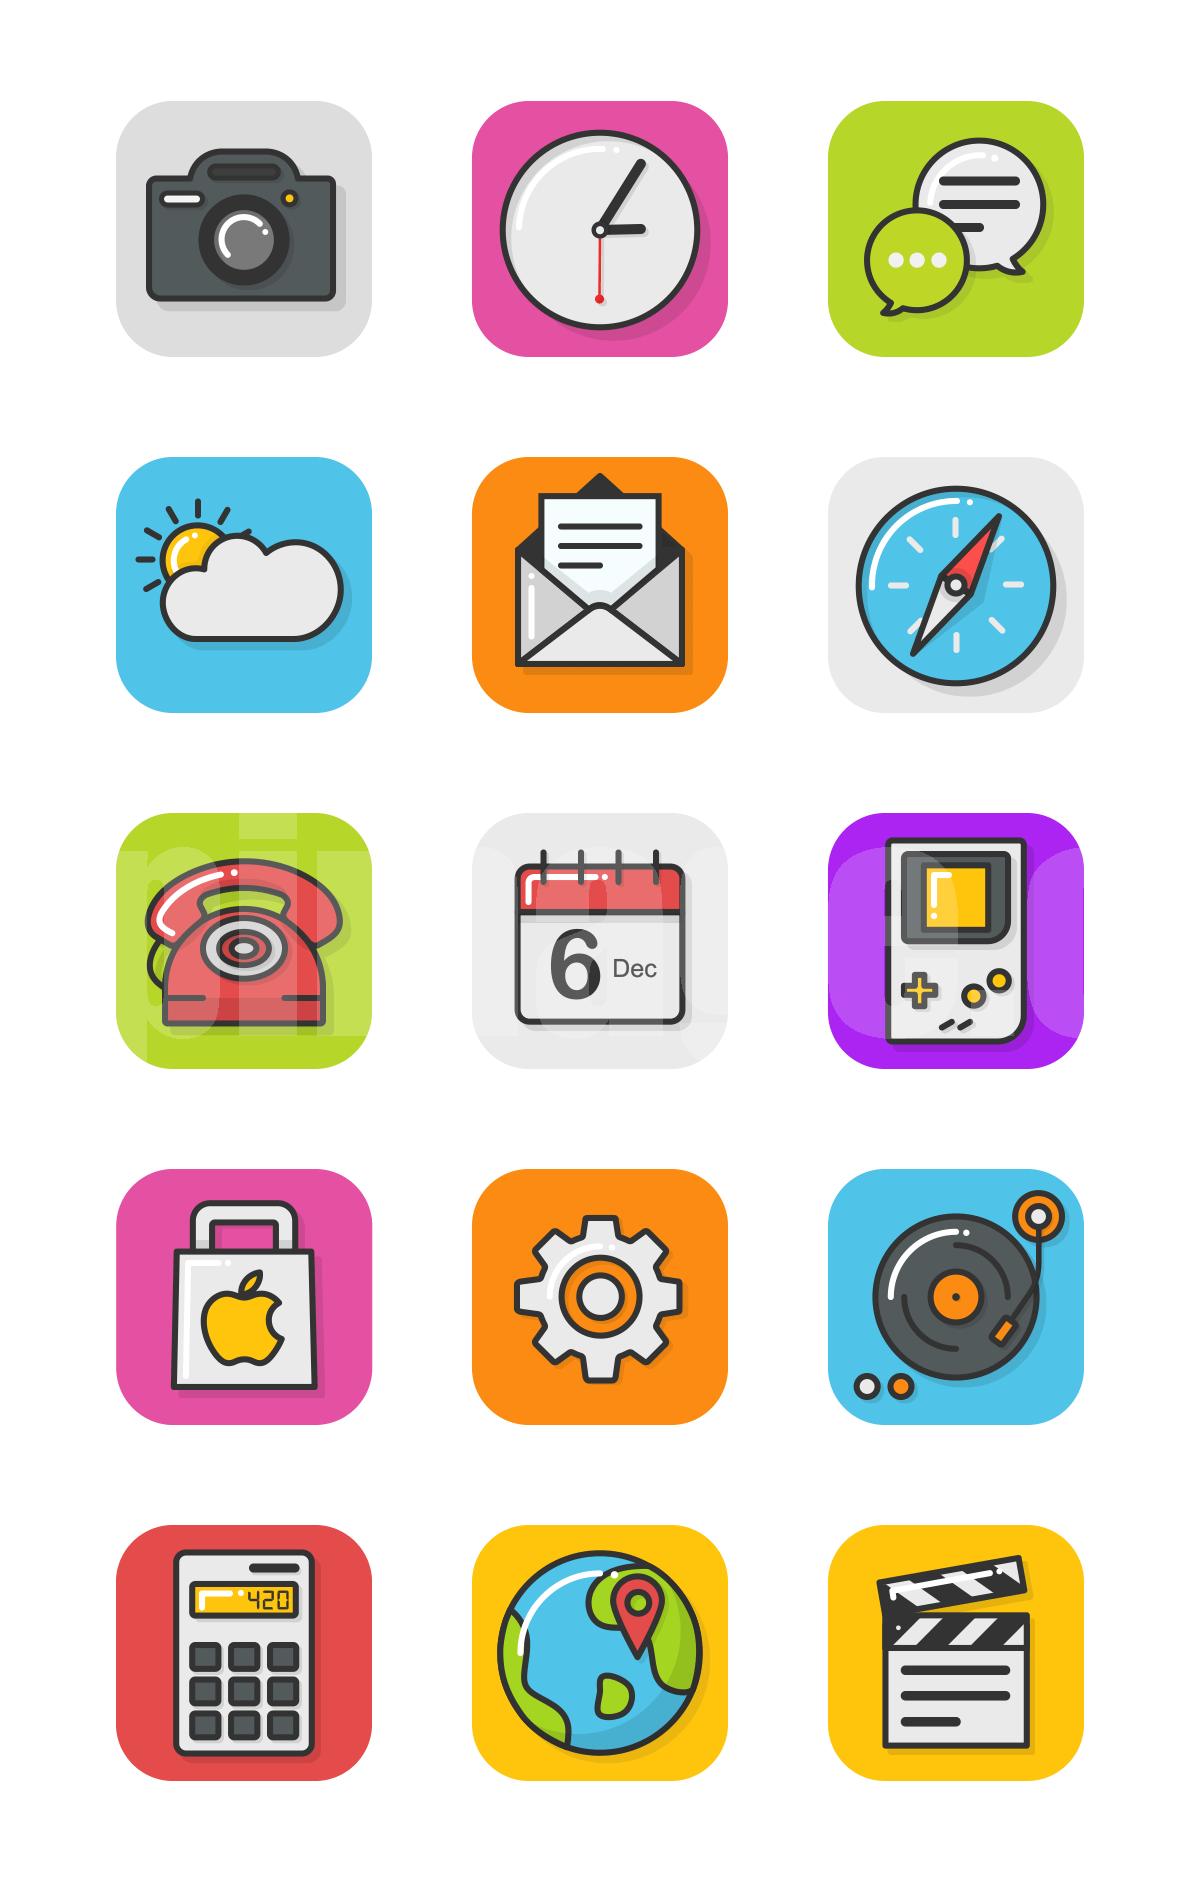 计算器 浏览器 视频 日历电话 教育相关 图标icon源文件下载